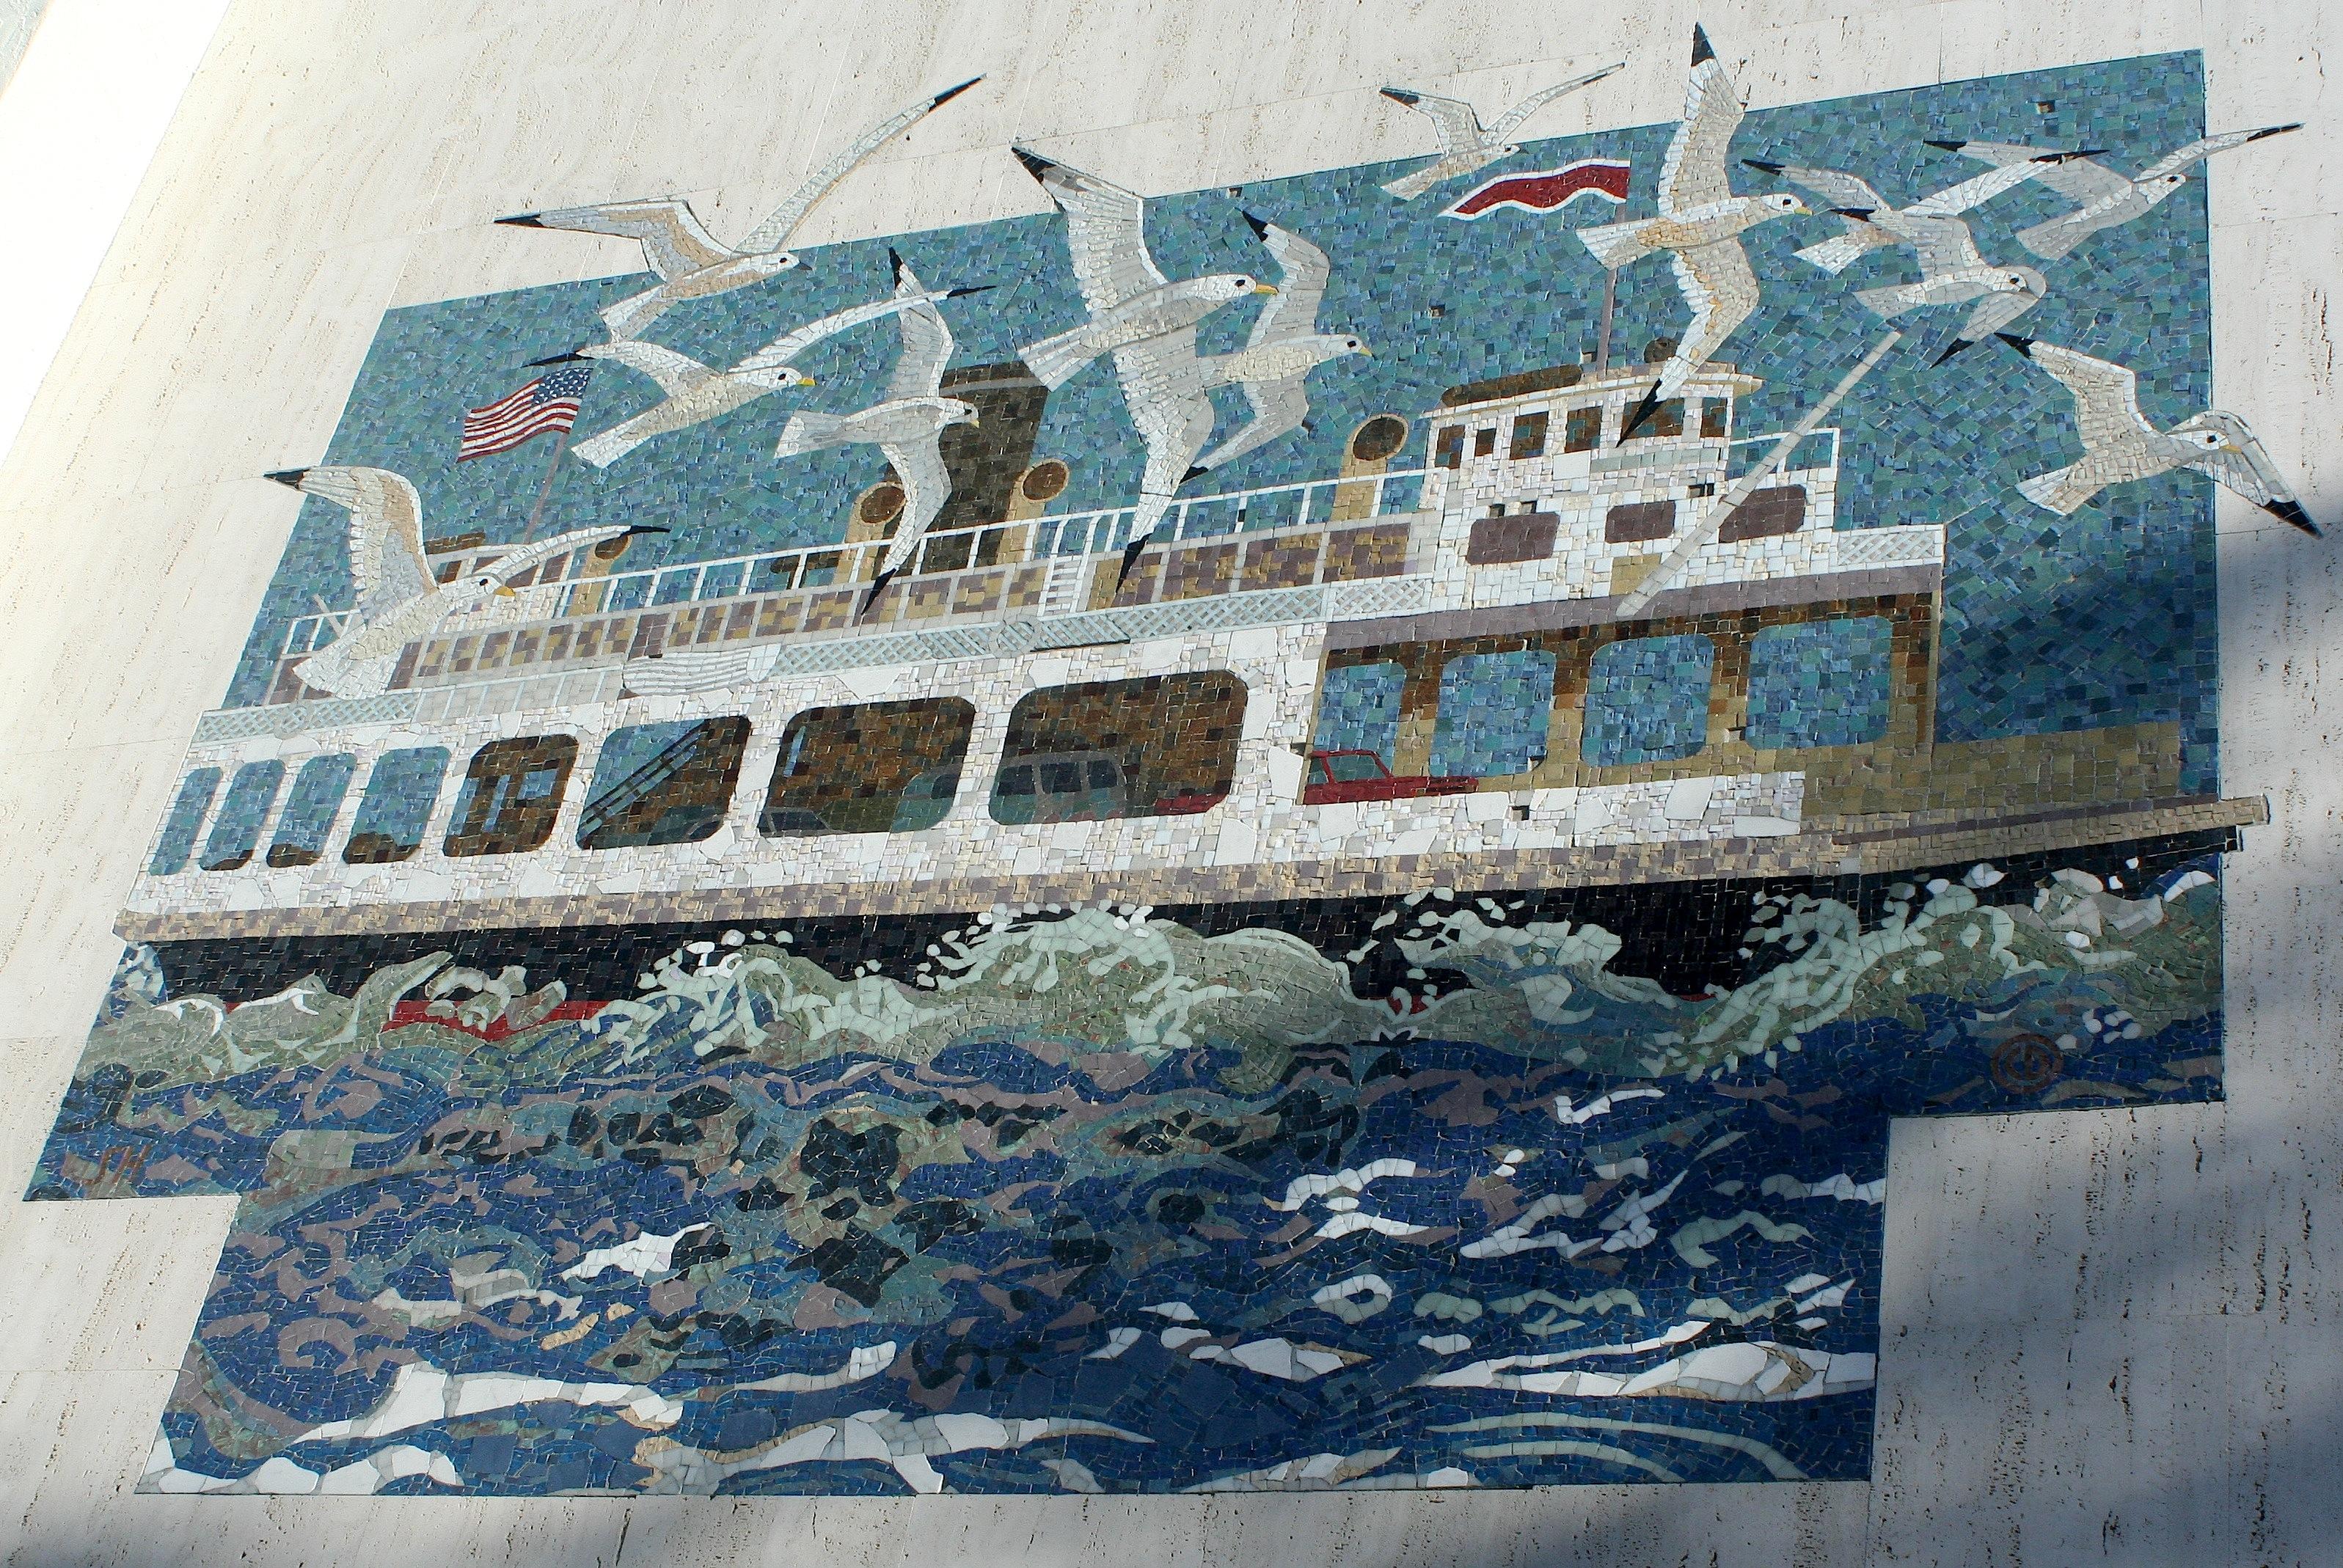 Susan Hertel and Denis O'Connor, ferry, Coronado, 1985